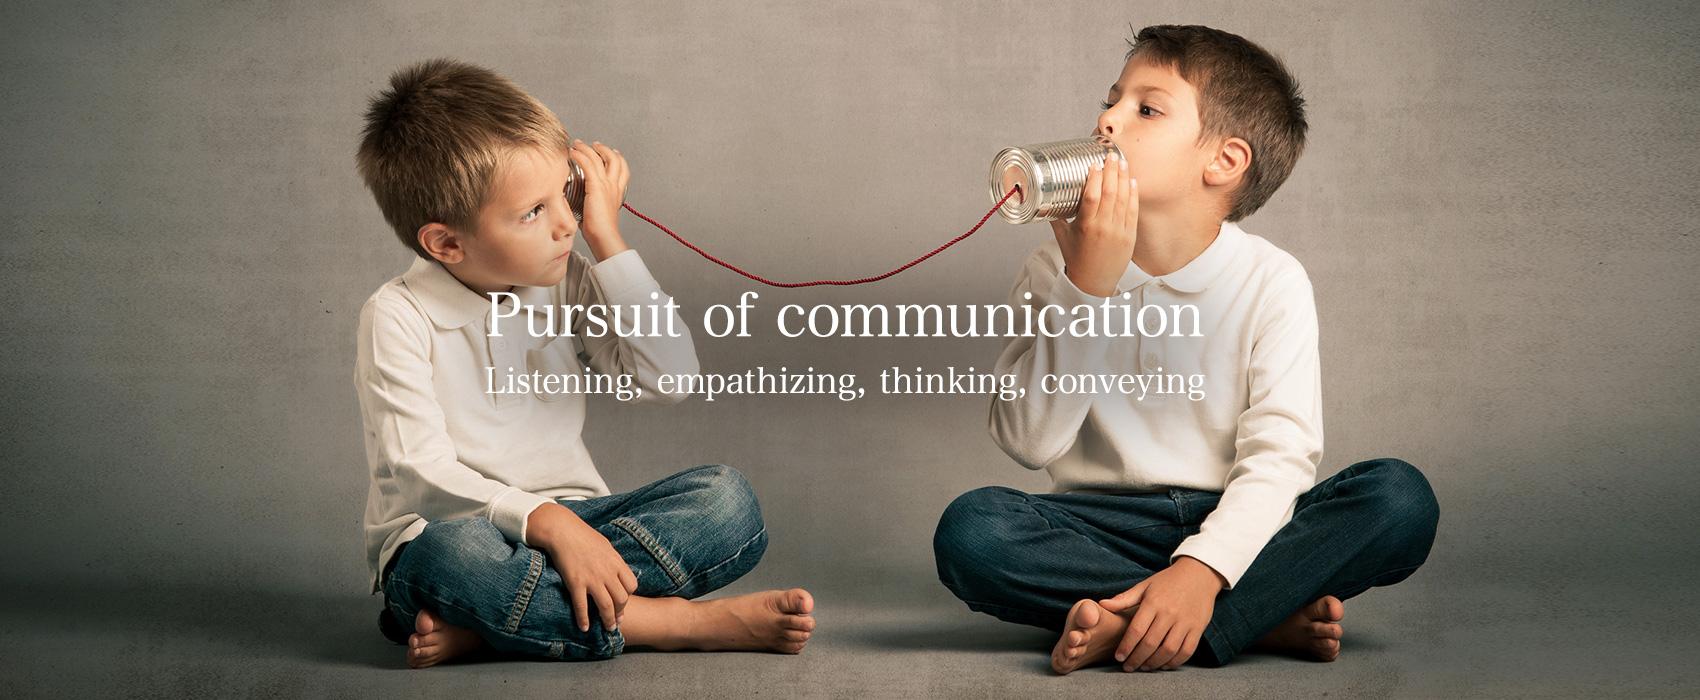 Pursuit of communication — Listening, empathizing, thinking, conveying